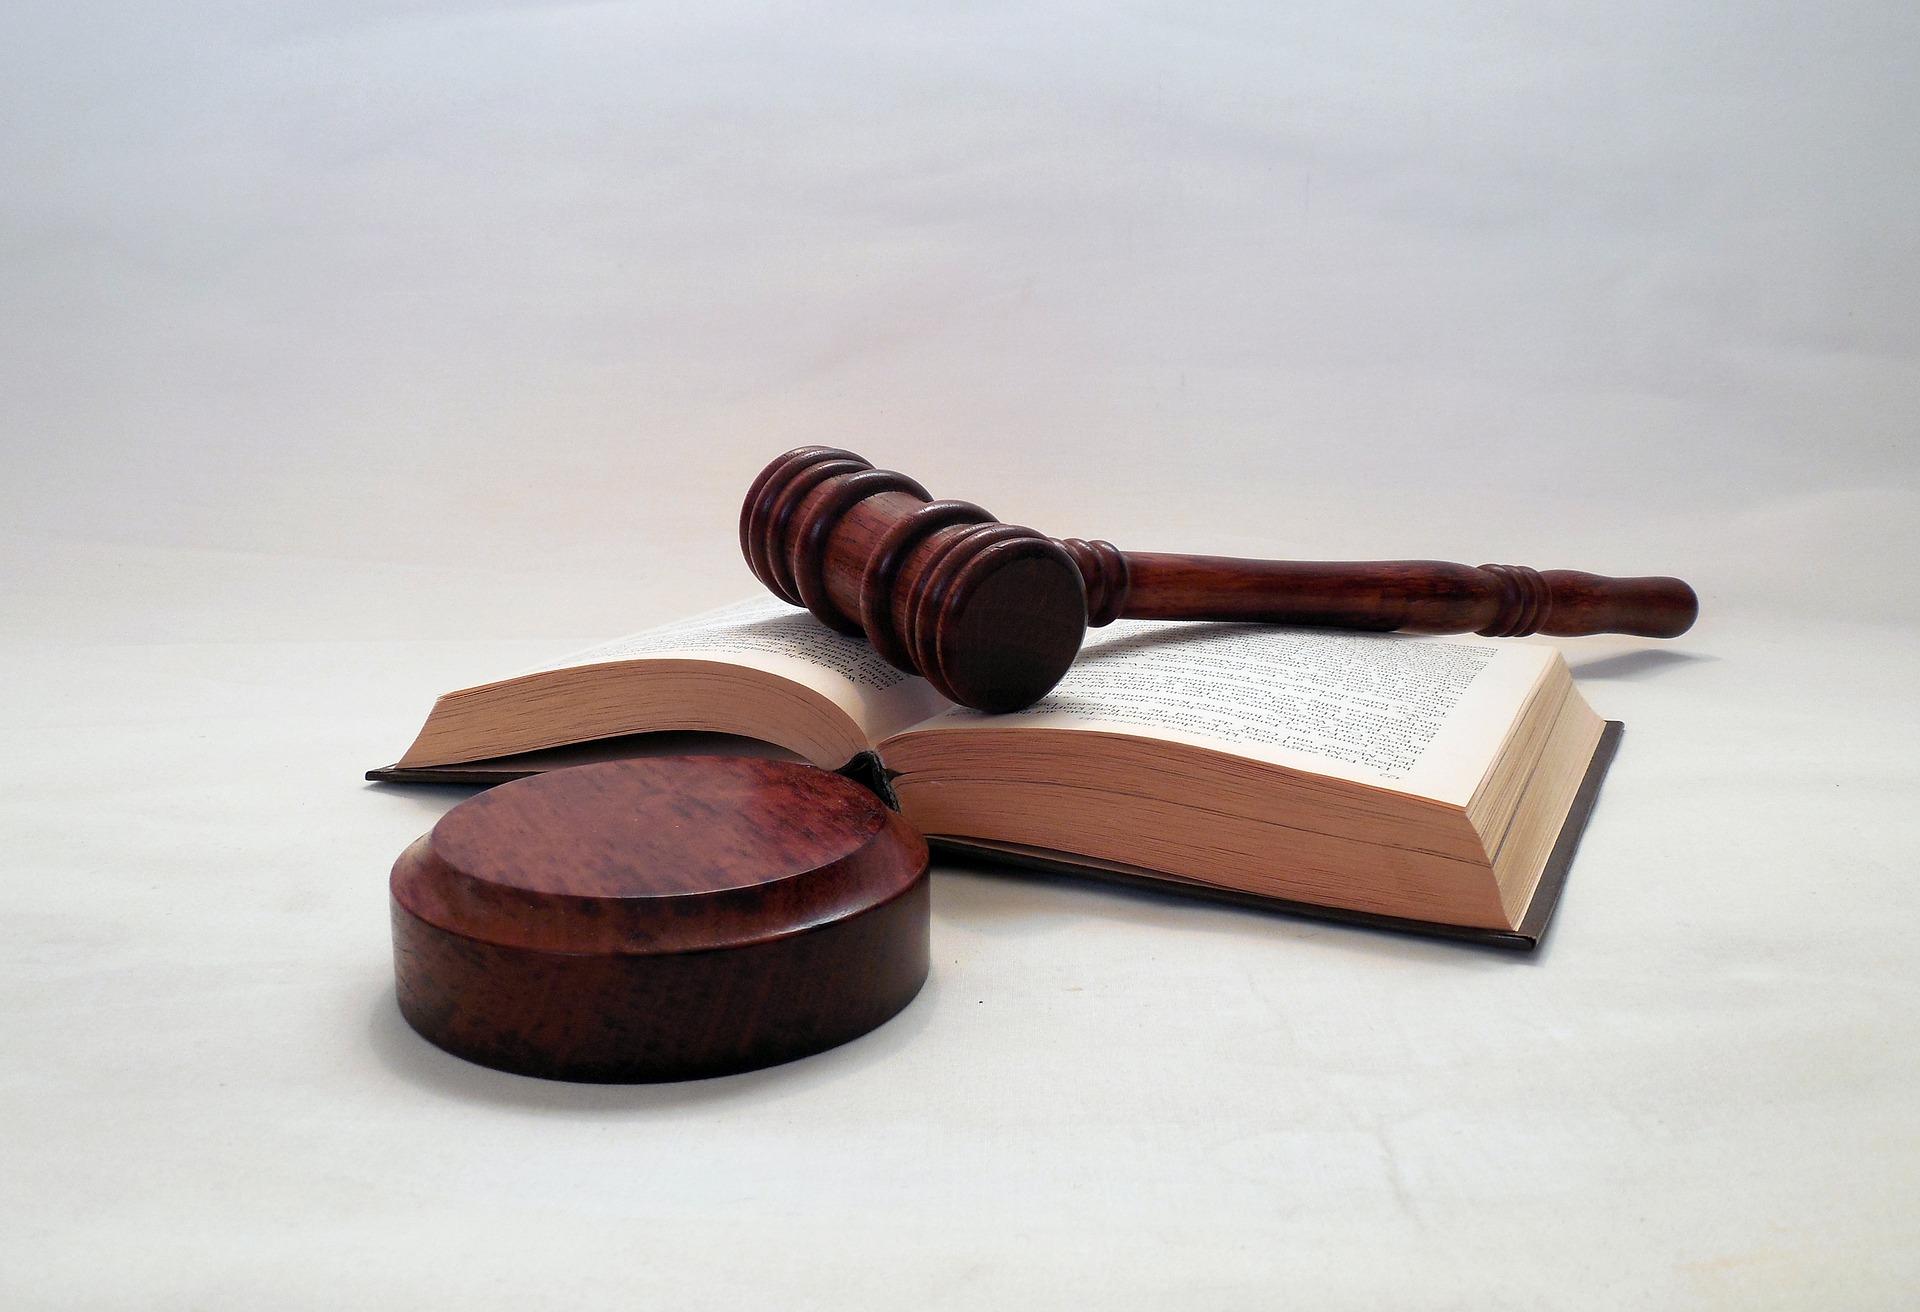 Rechtshammer auf Gesetzbuch